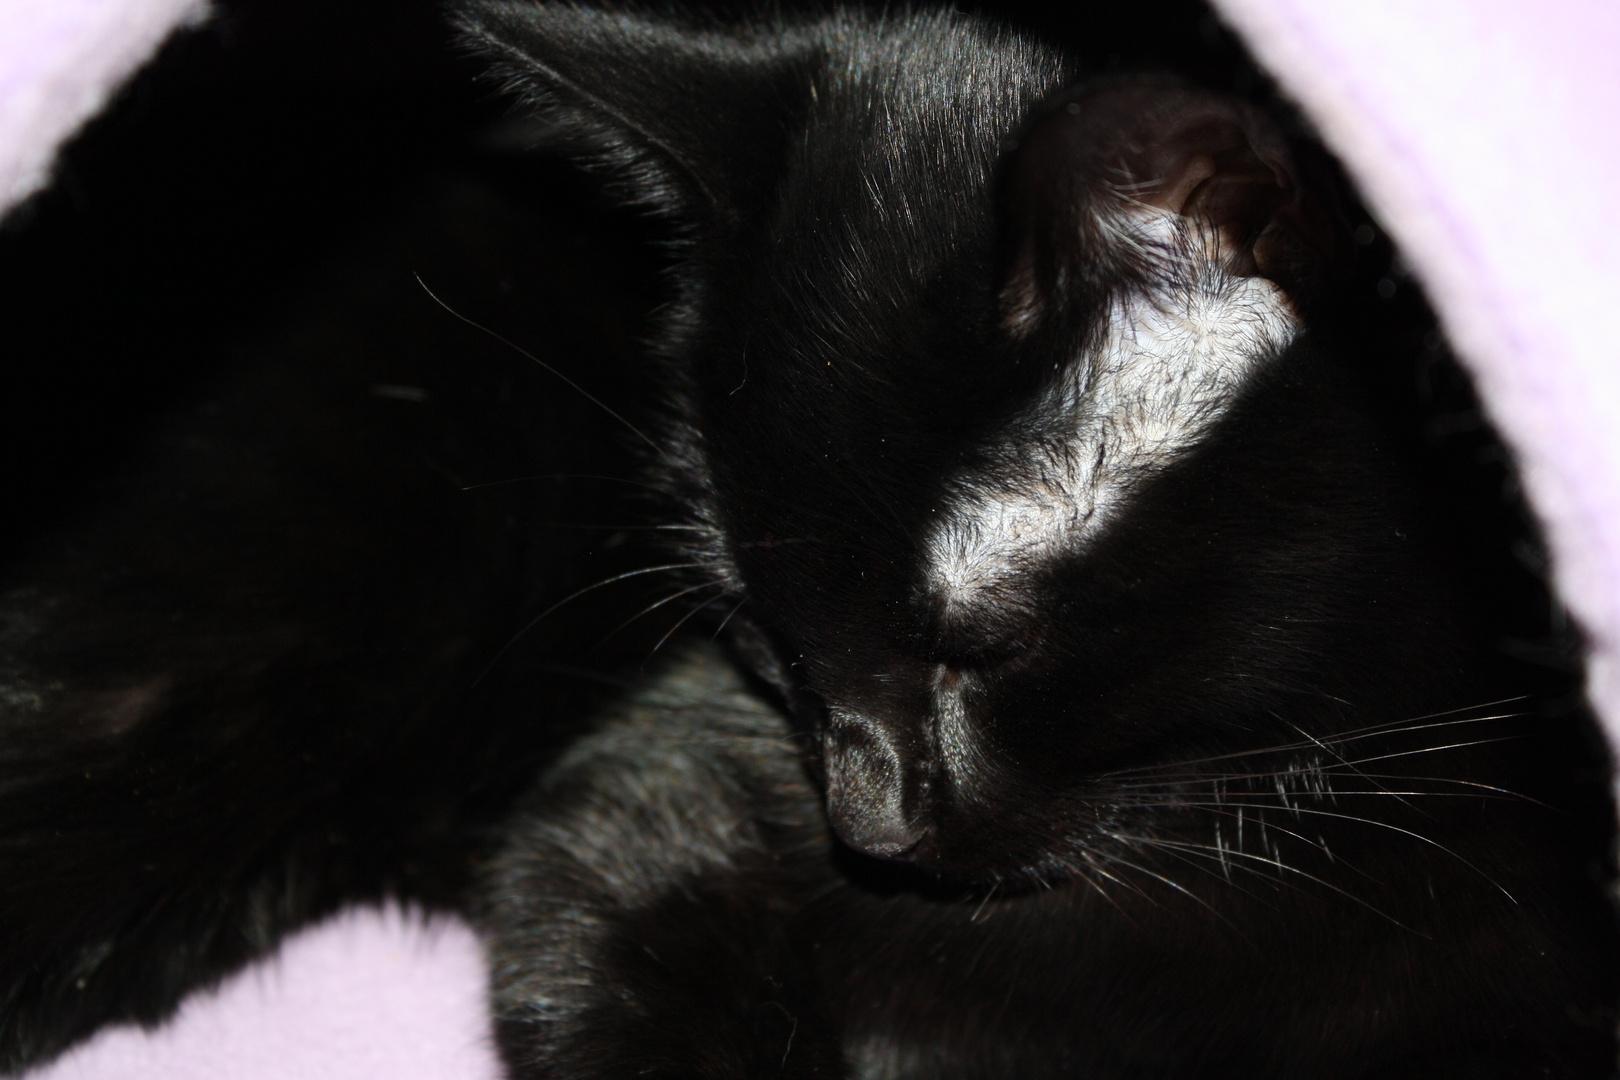 Können Katzen traurig sein?